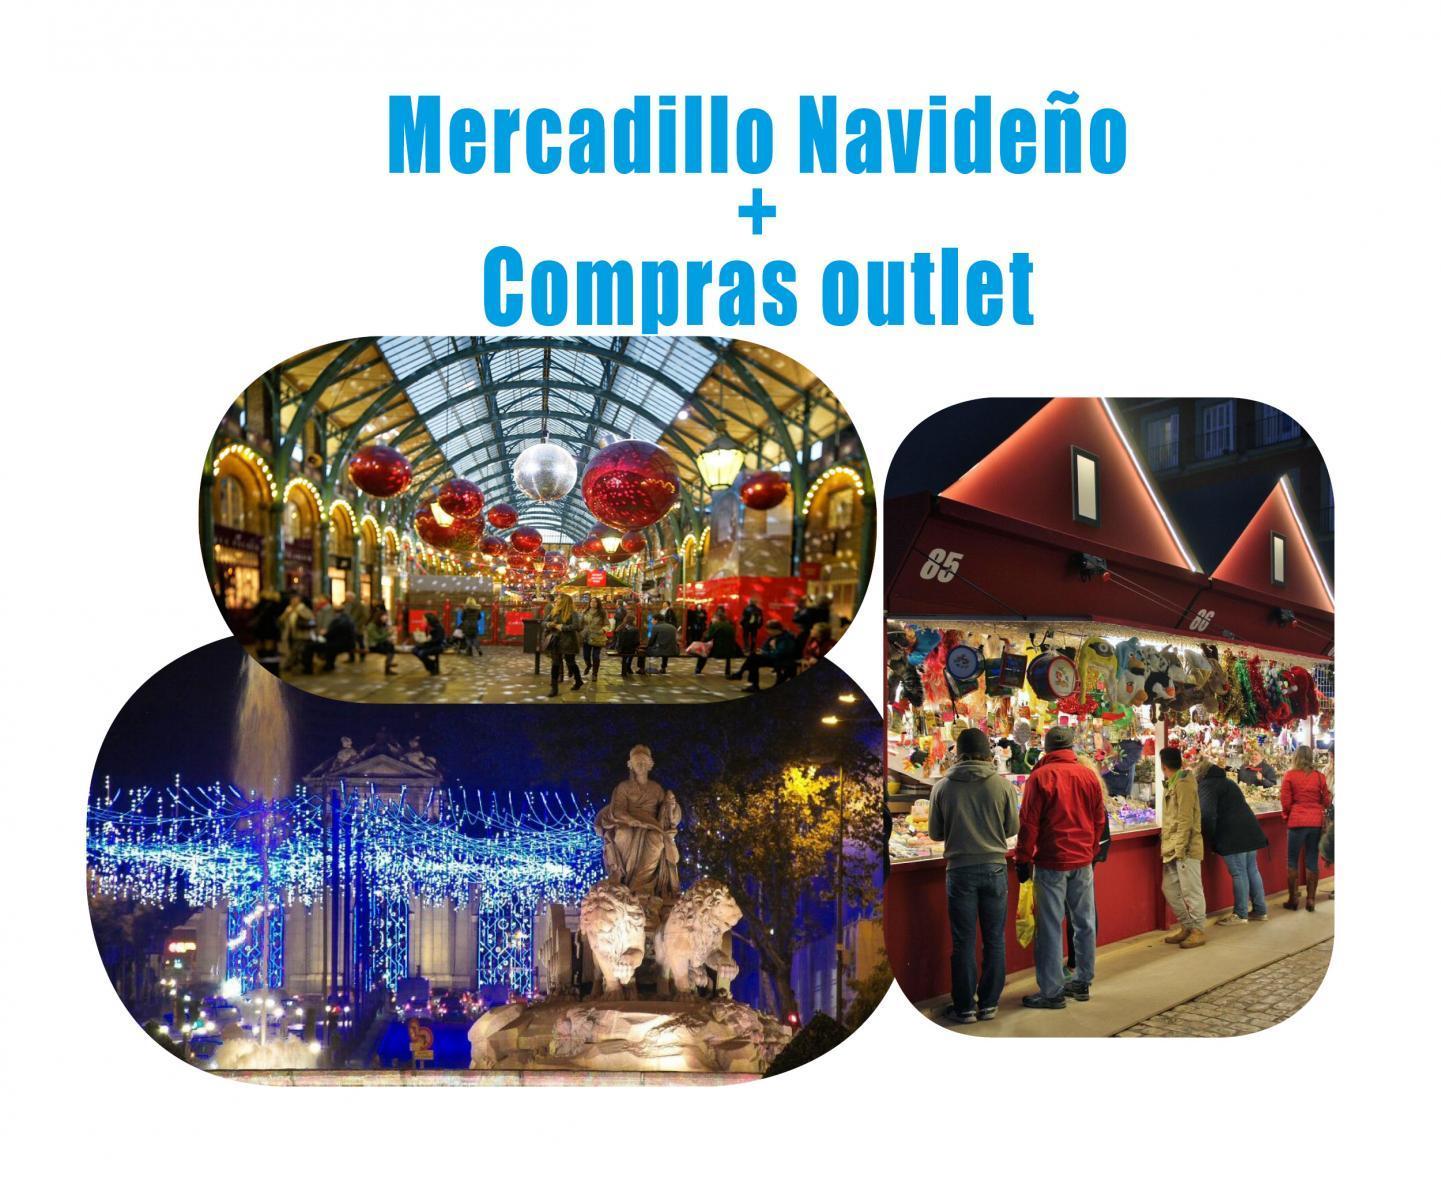 Mercadillo Navideño Madrid + Compras outlet # 14 Diciembre